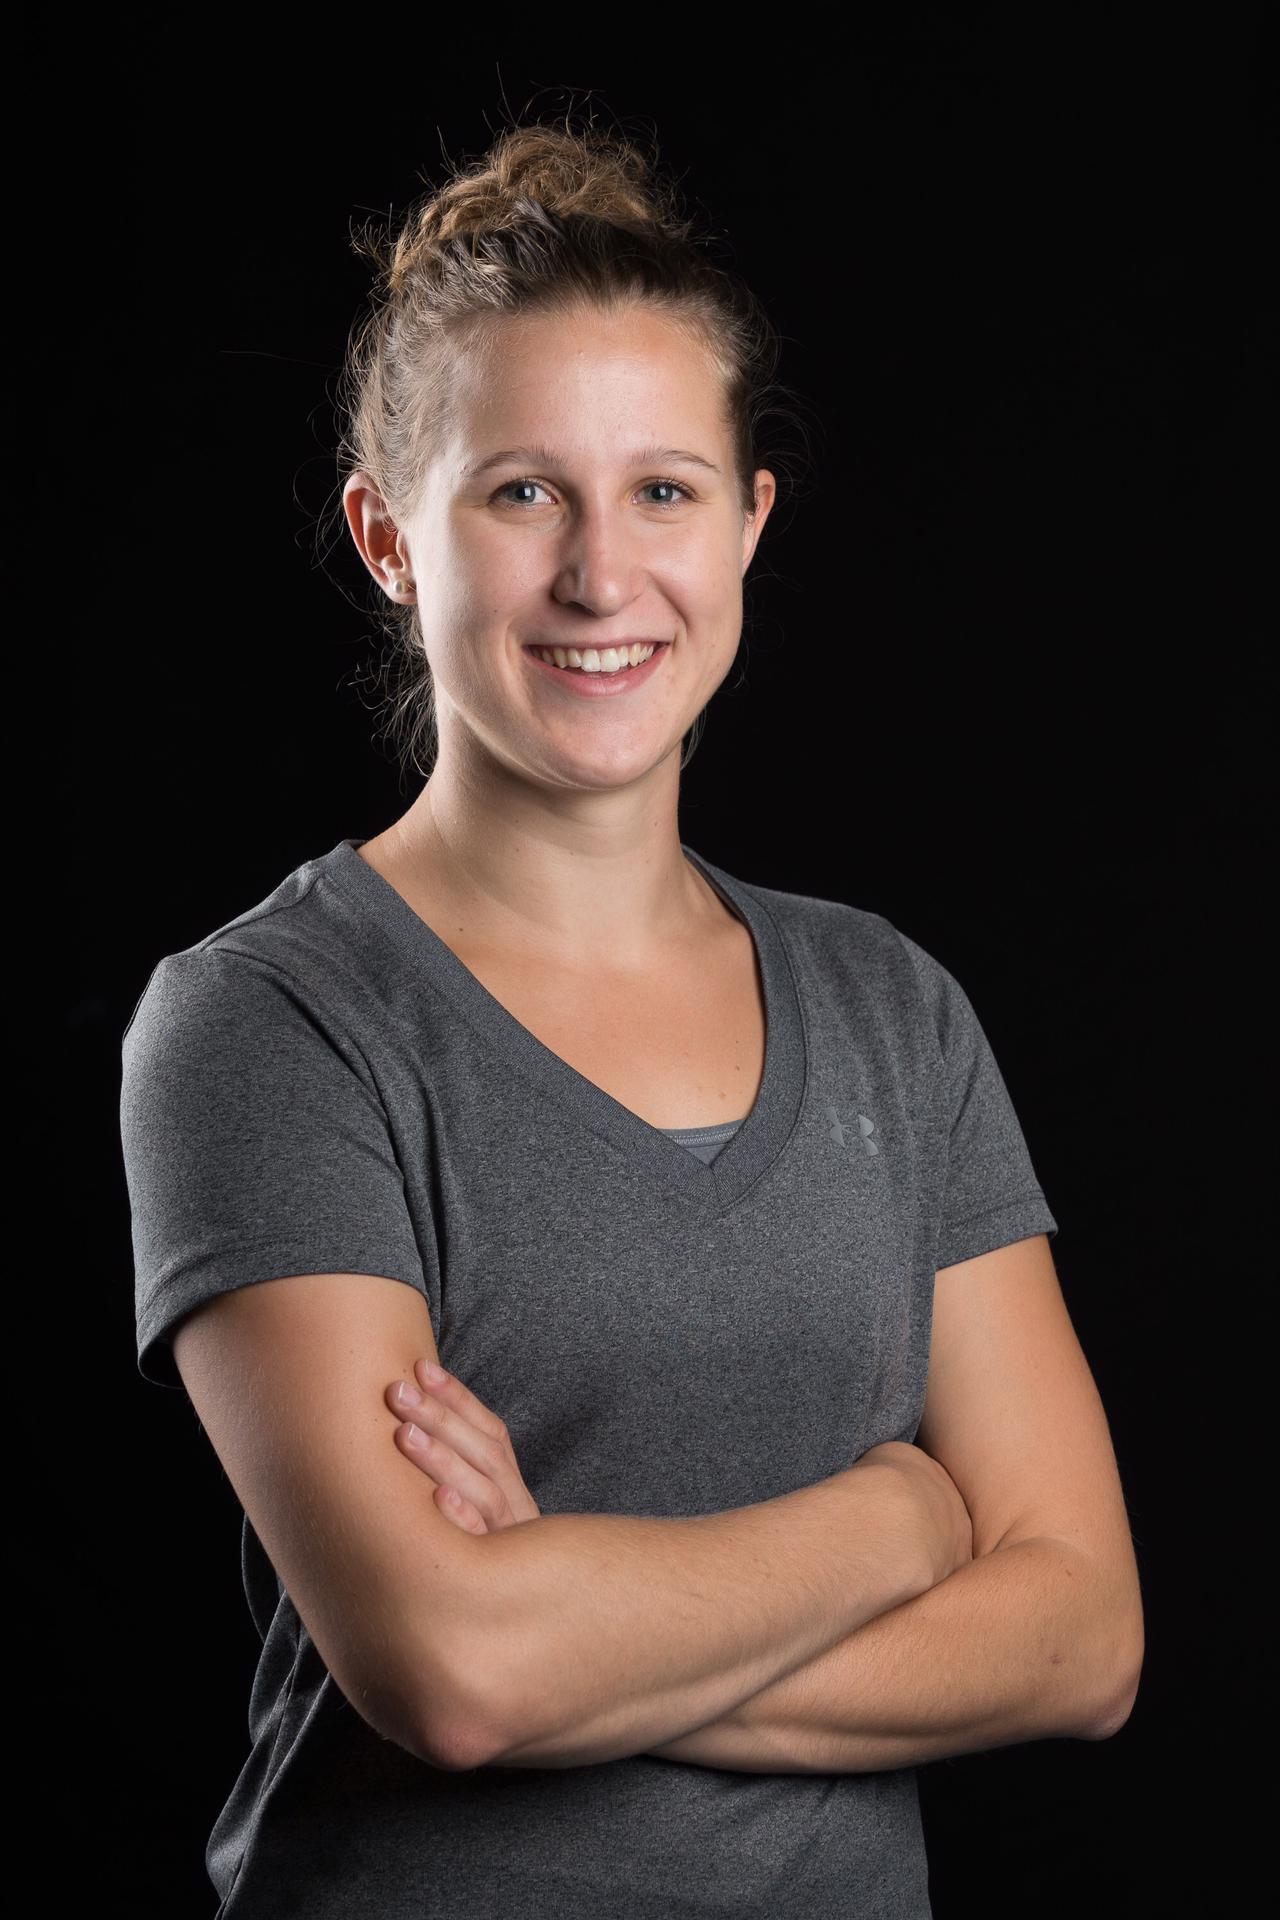 Janine Sutter